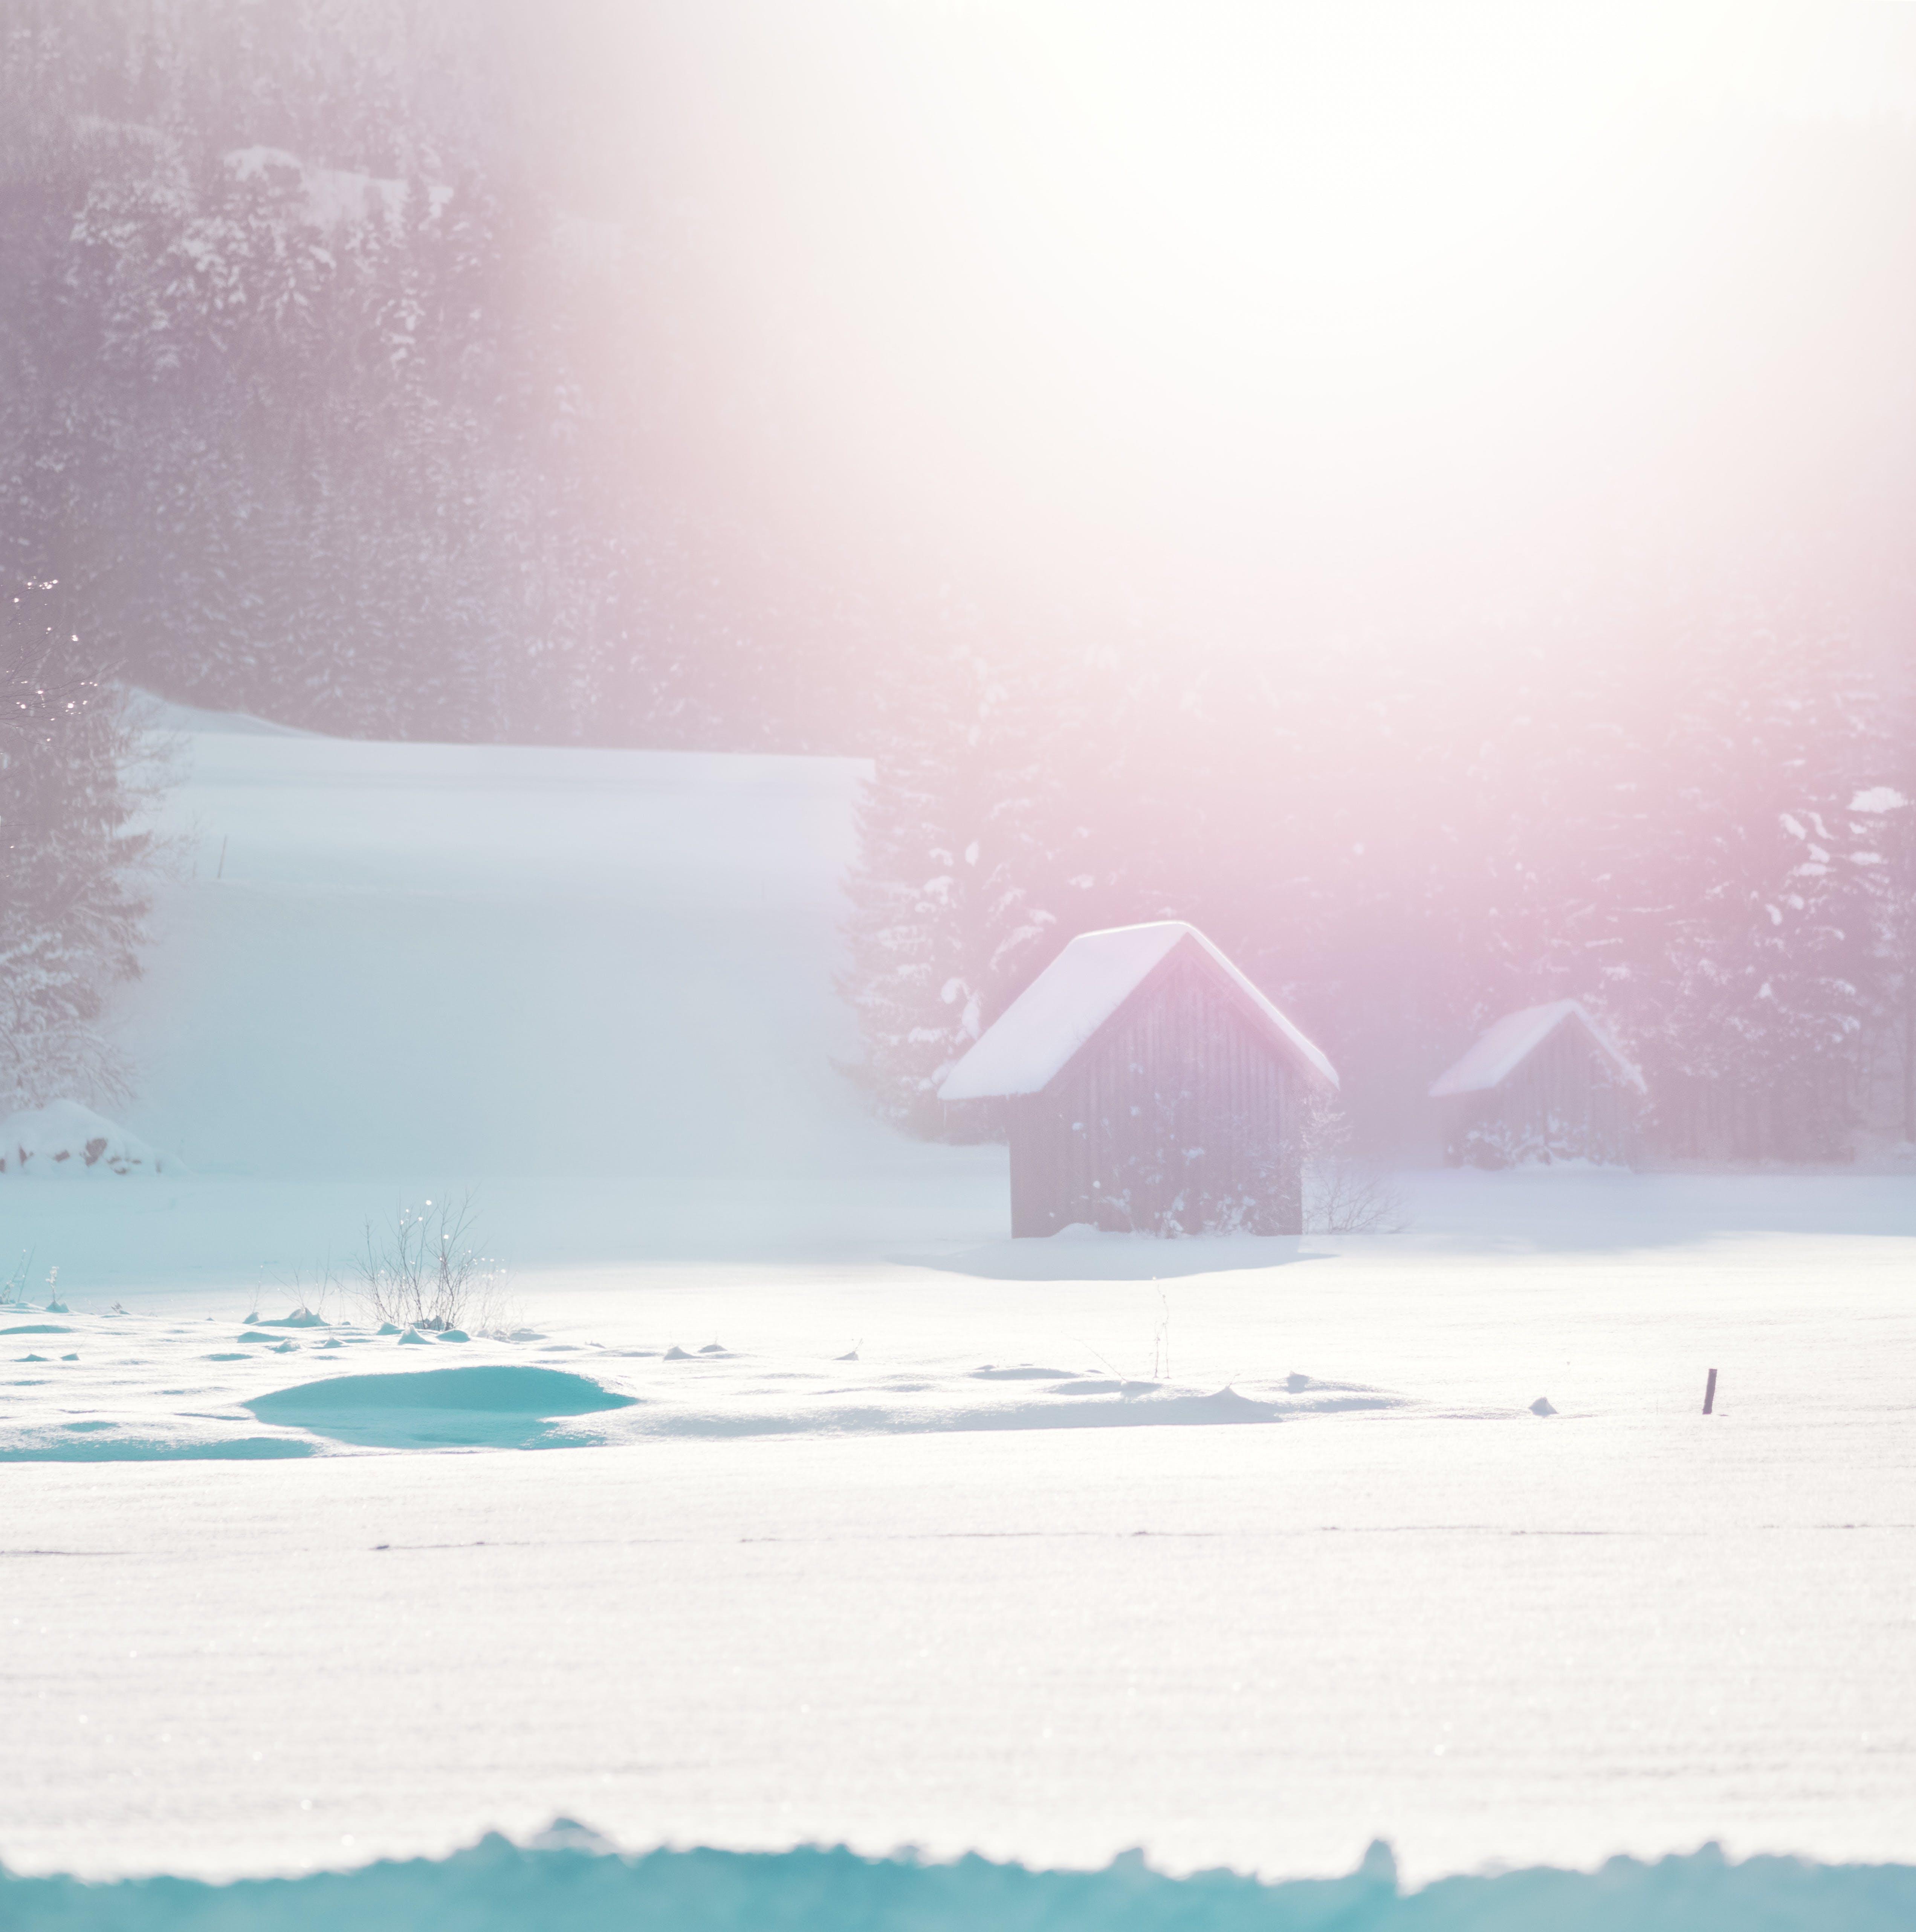 冬季, 冬季景觀, 冰, 冷 的 免費圖庫相片